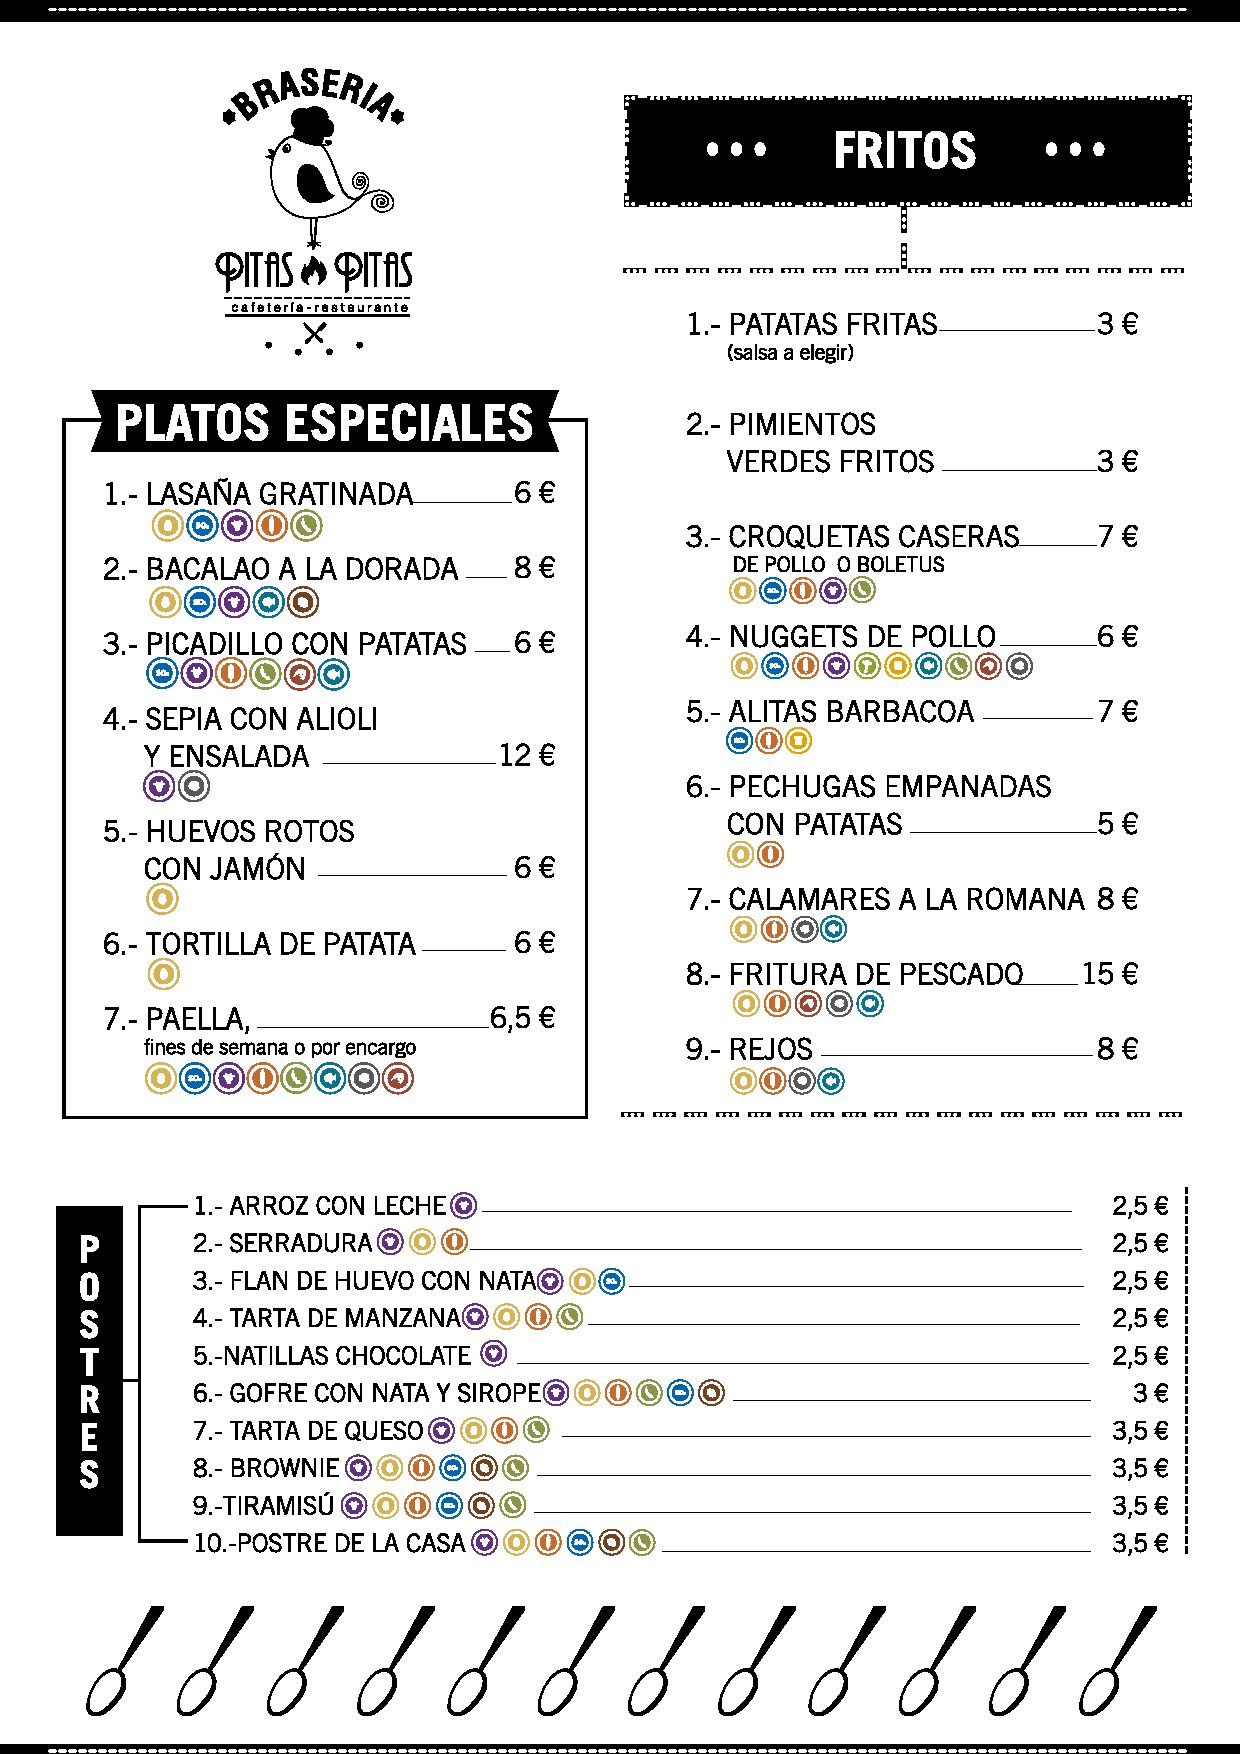 Restaurante braseria plasencia Pitas Pitas